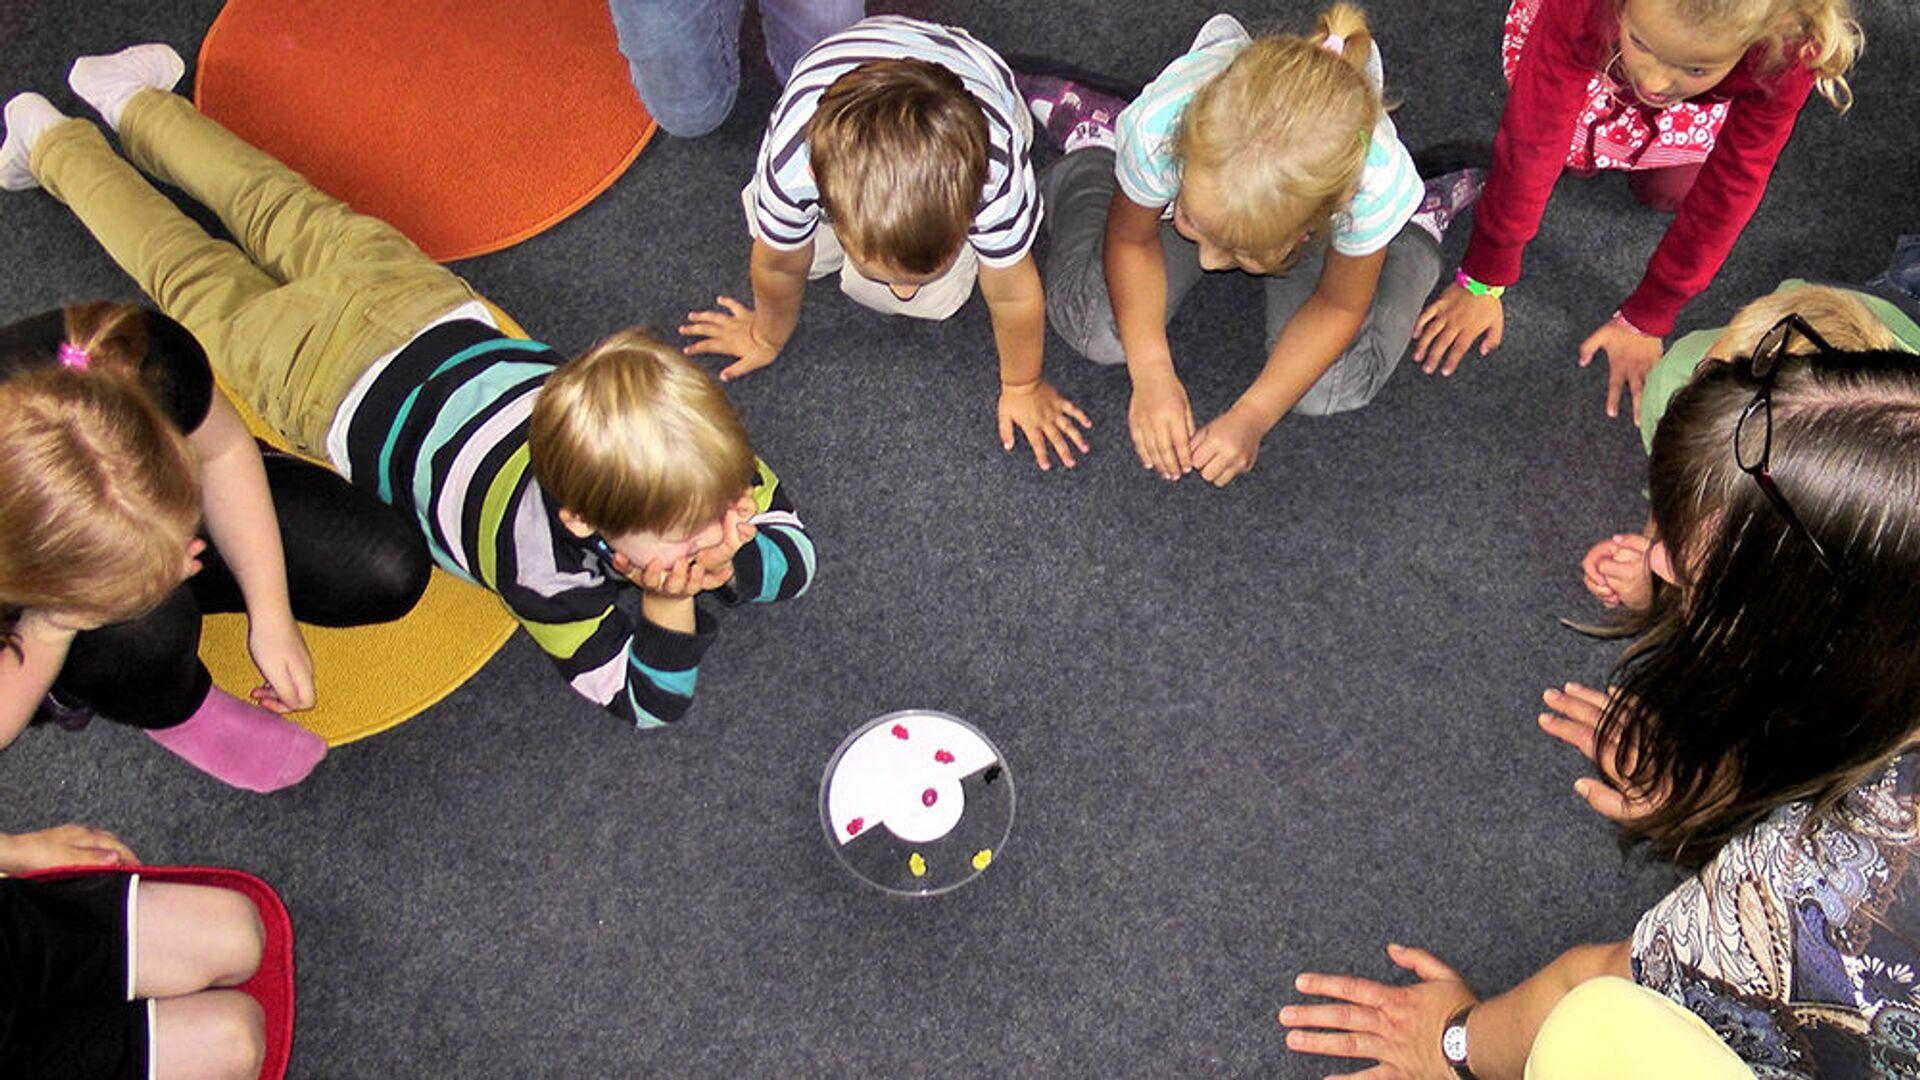 Дети в детском саду - Sputnik Латвия, 1920, 23.09.2021